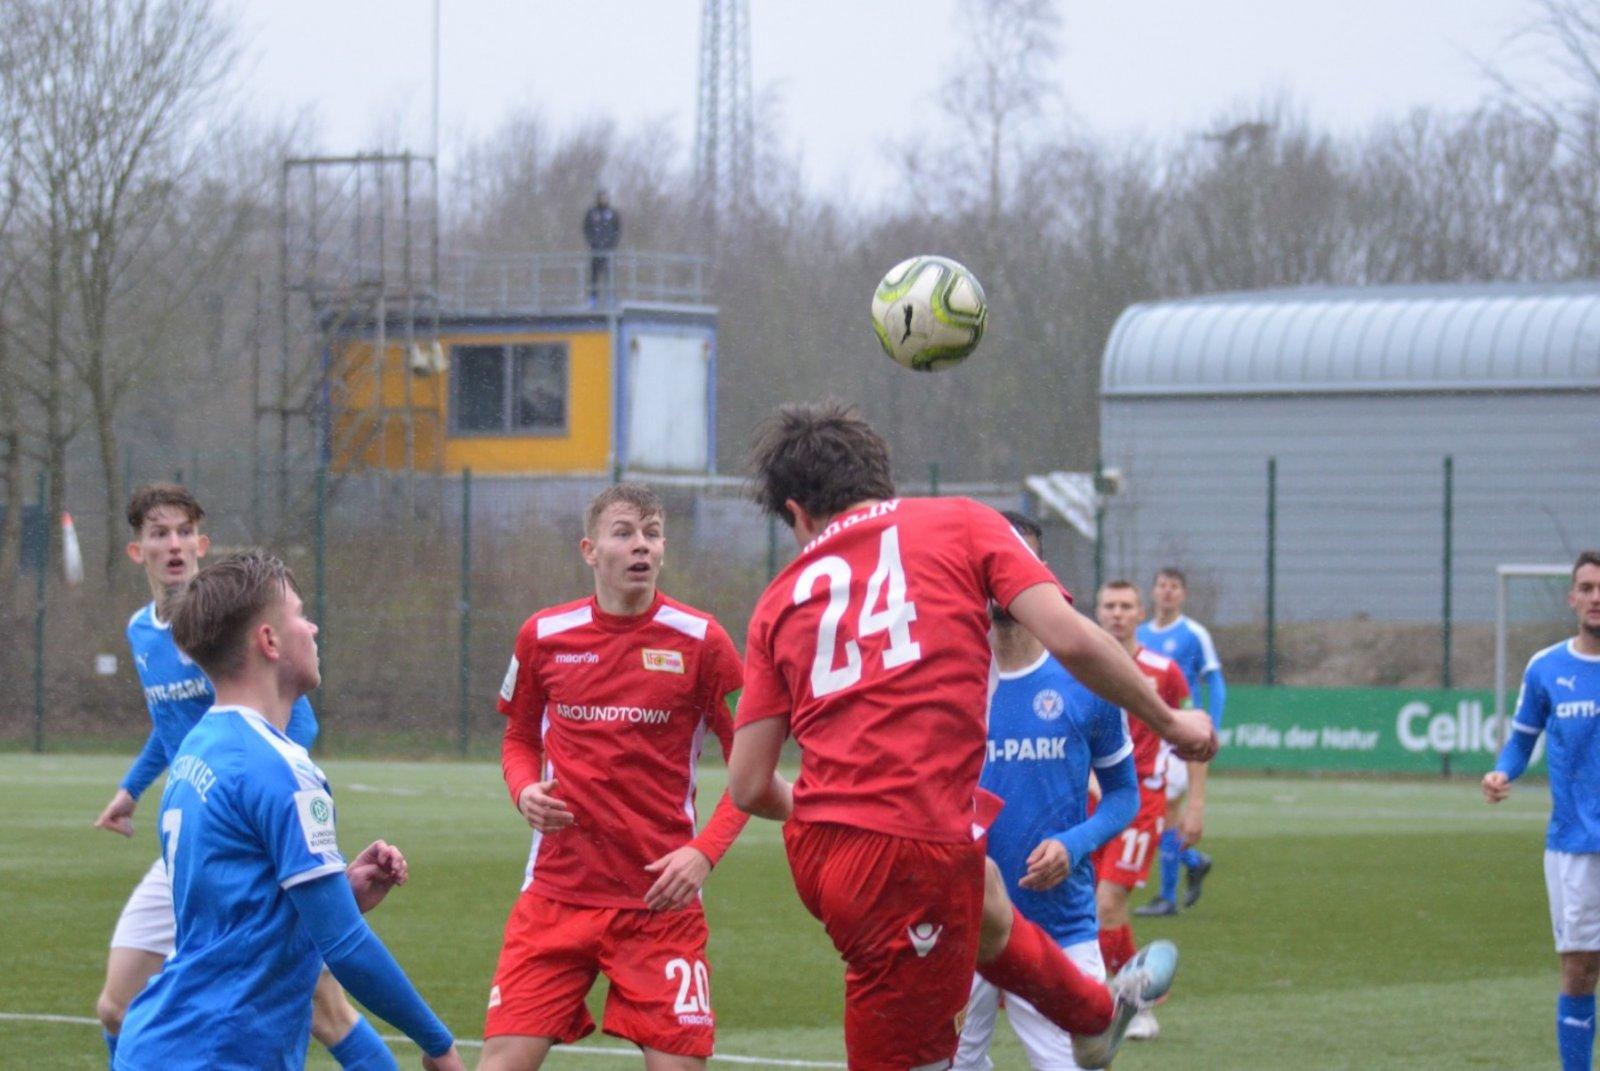 Der Nachwuchs von Kiel und Union kämpft um den Ball im Bundesliga-Spiel, das 1:0 für Union endet.